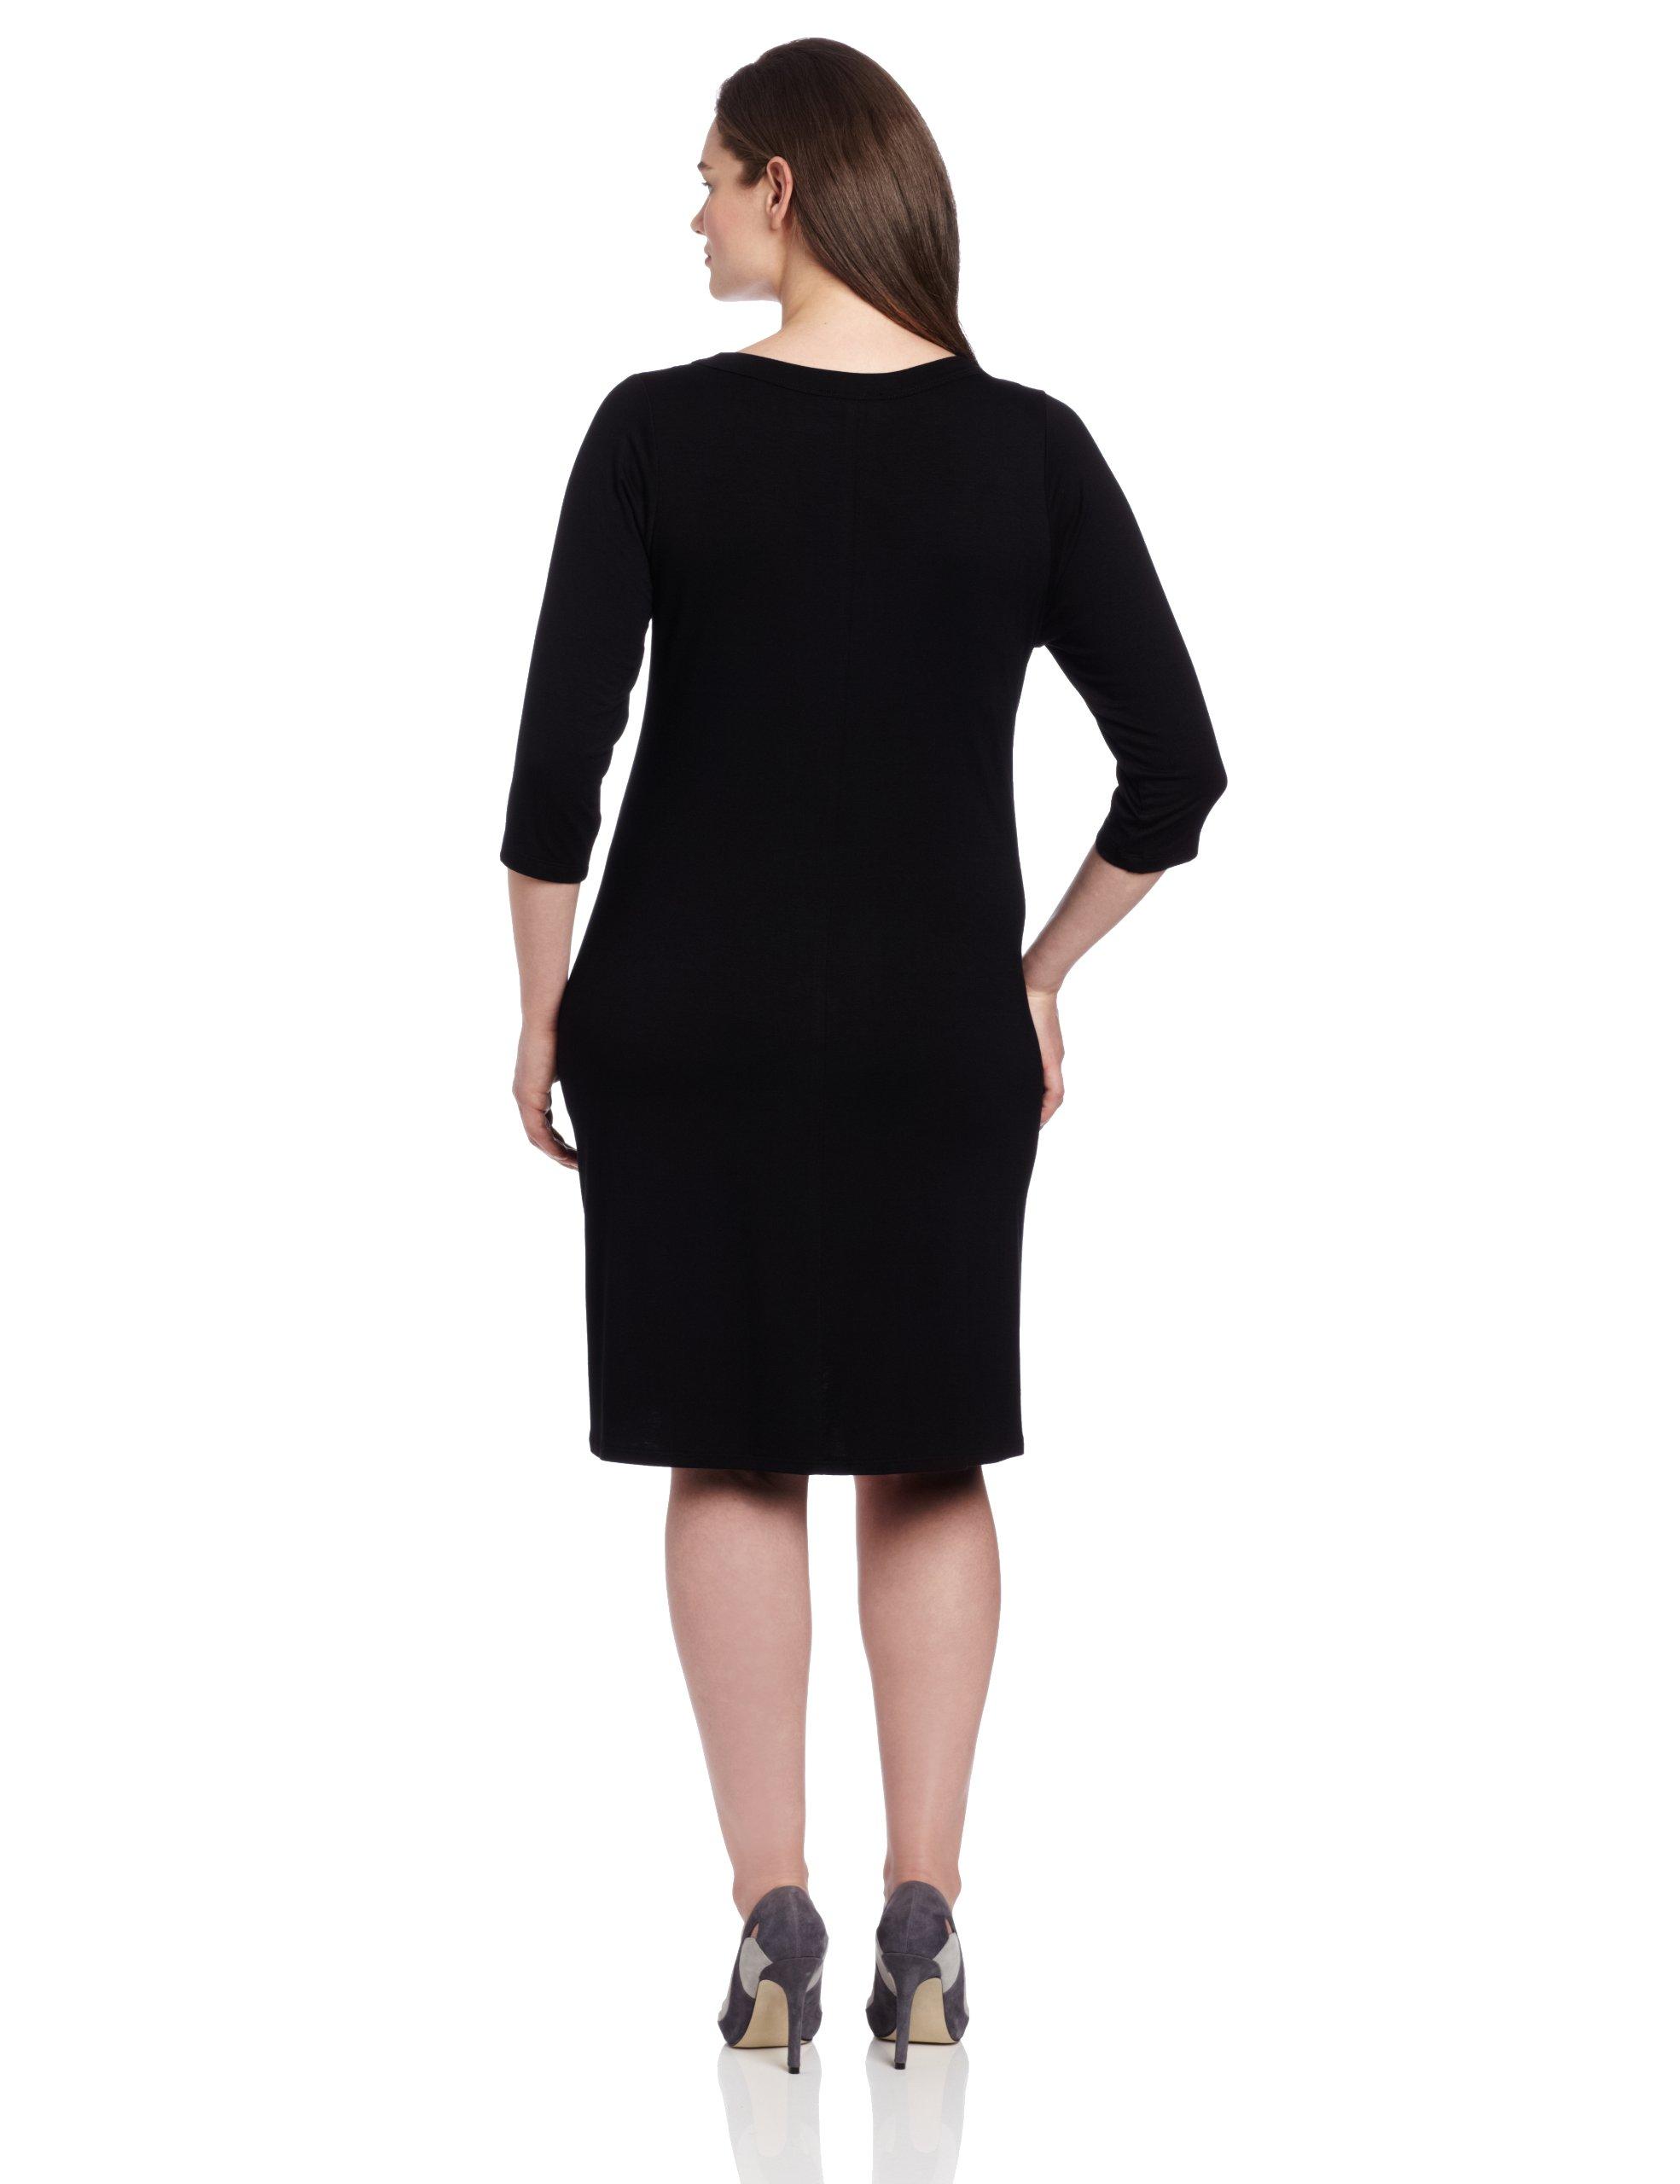 Karen Kane Plus-Size 3/4 Sleeve A-Line Dress, Black, 1X by Karen Kane (Image #2)